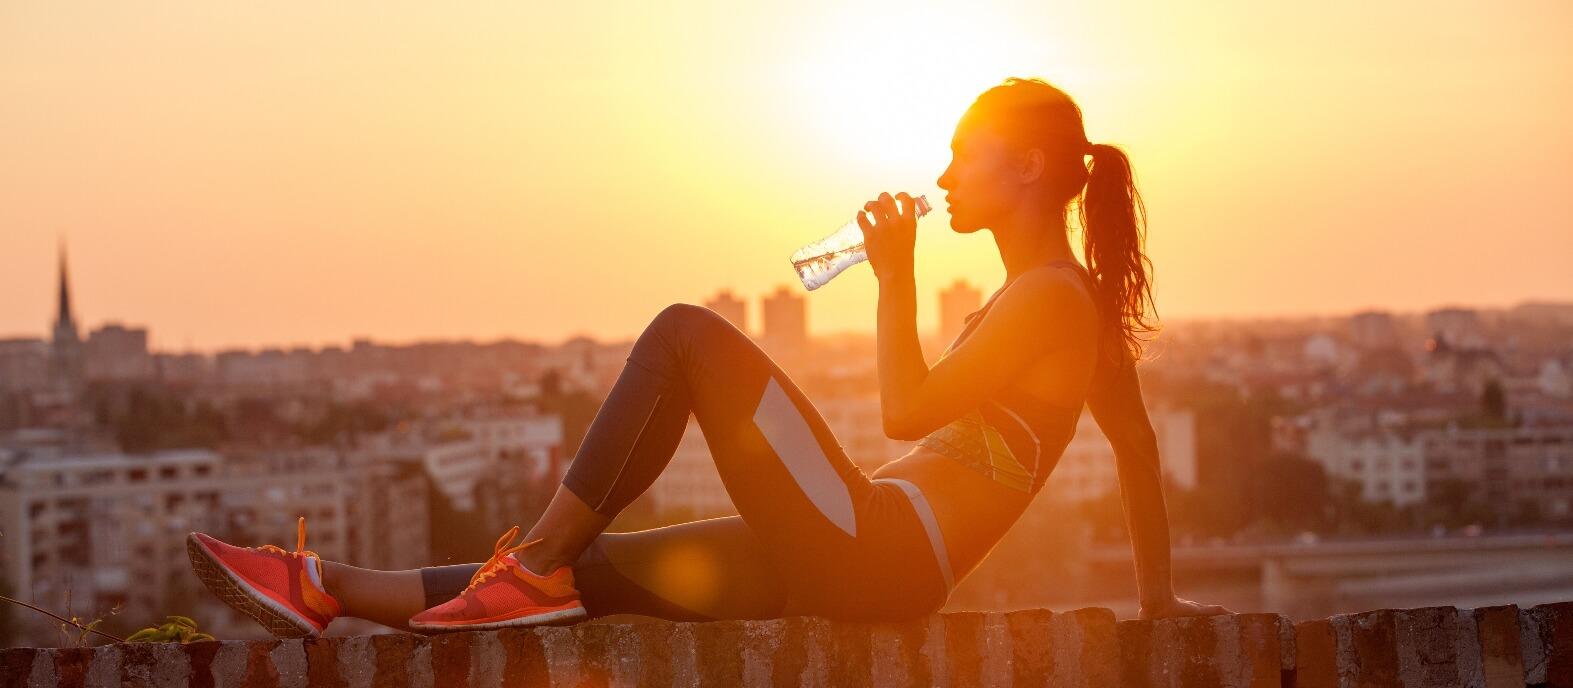 Boostez vos performances grâce à une bonne hydratation